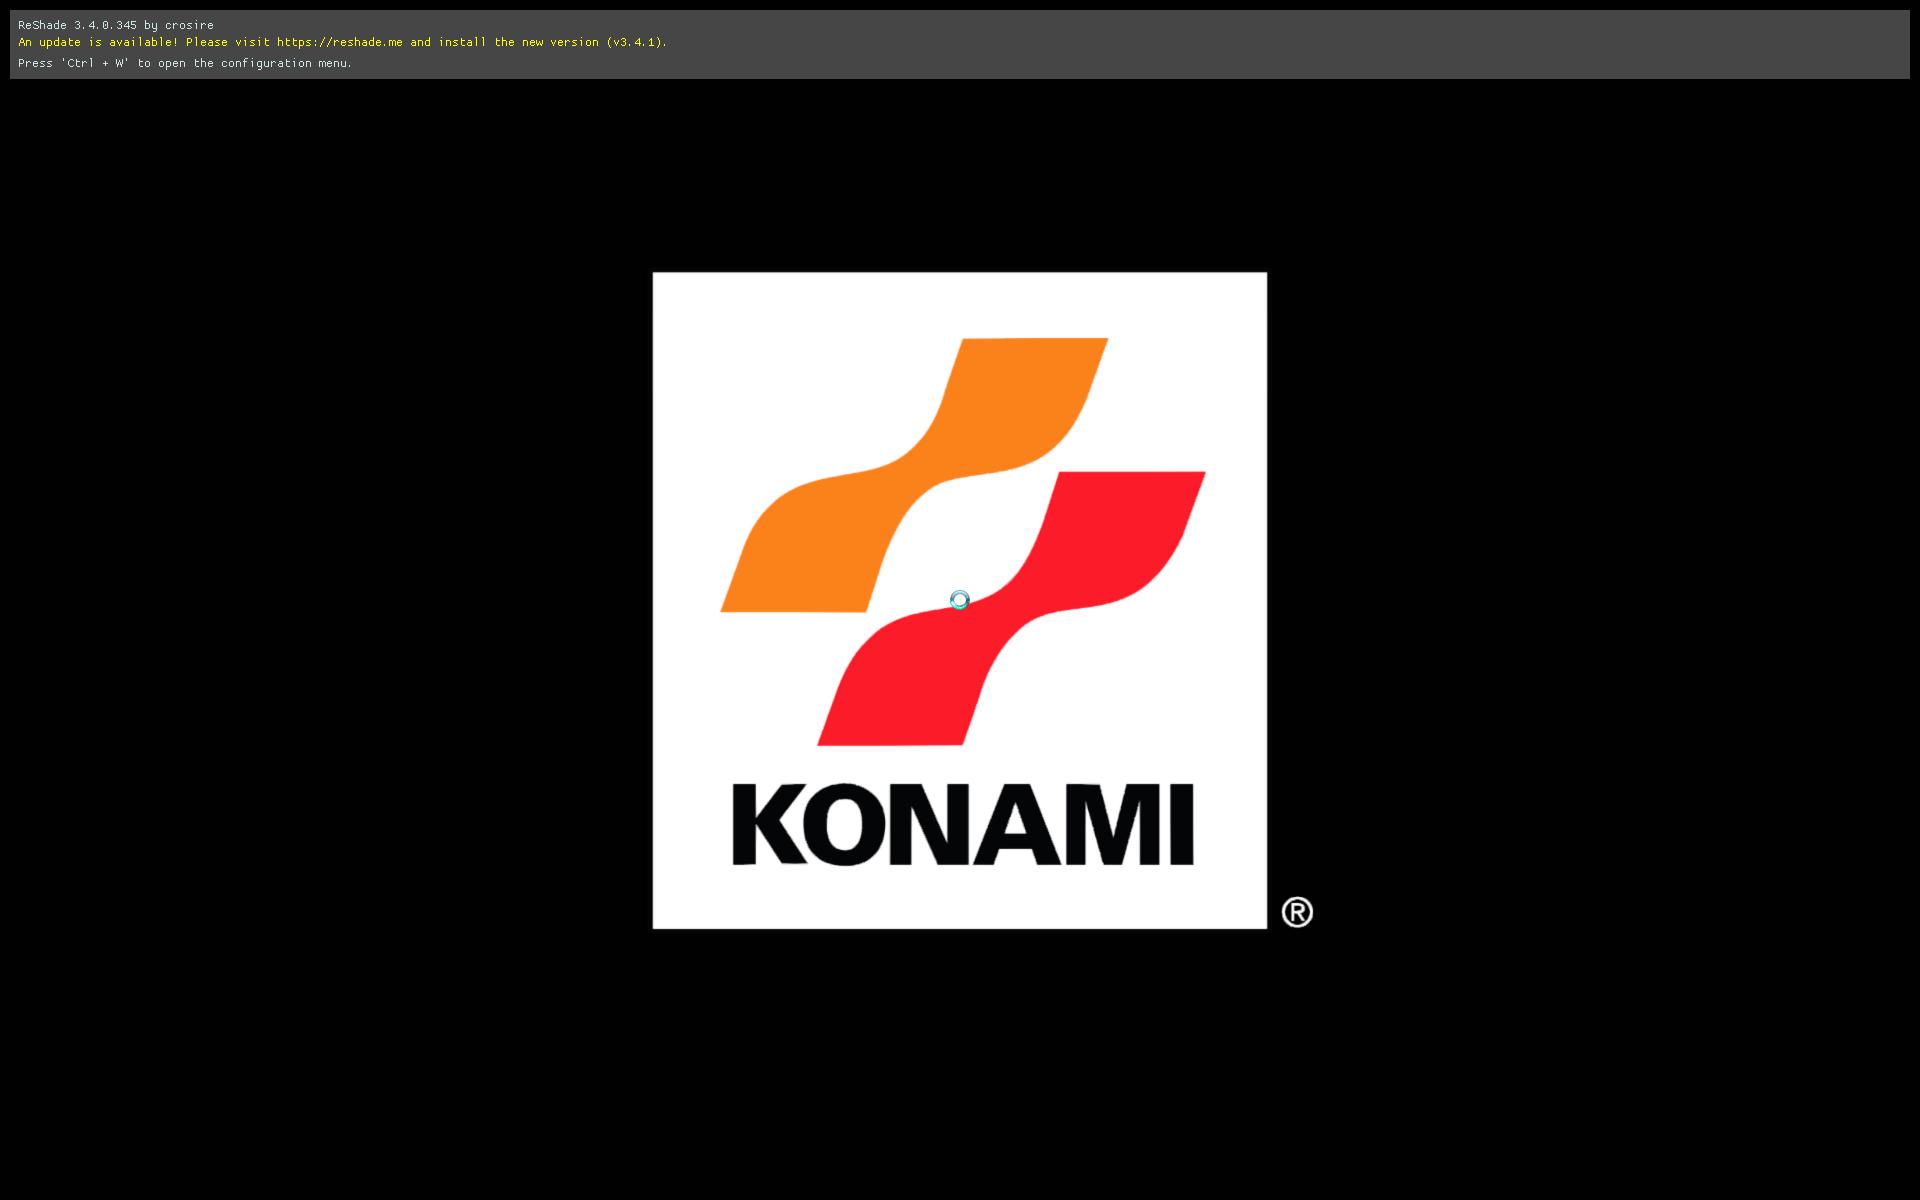 SILENT HILL 2 Enhanced Edition インストール方法と日本語化メモ、ReShade & Filters インストール、ゲームを起動するとゲーム画面上部に ReShade メニューが表示、Ctrl + W で ReShade のコントロールパネルを開く